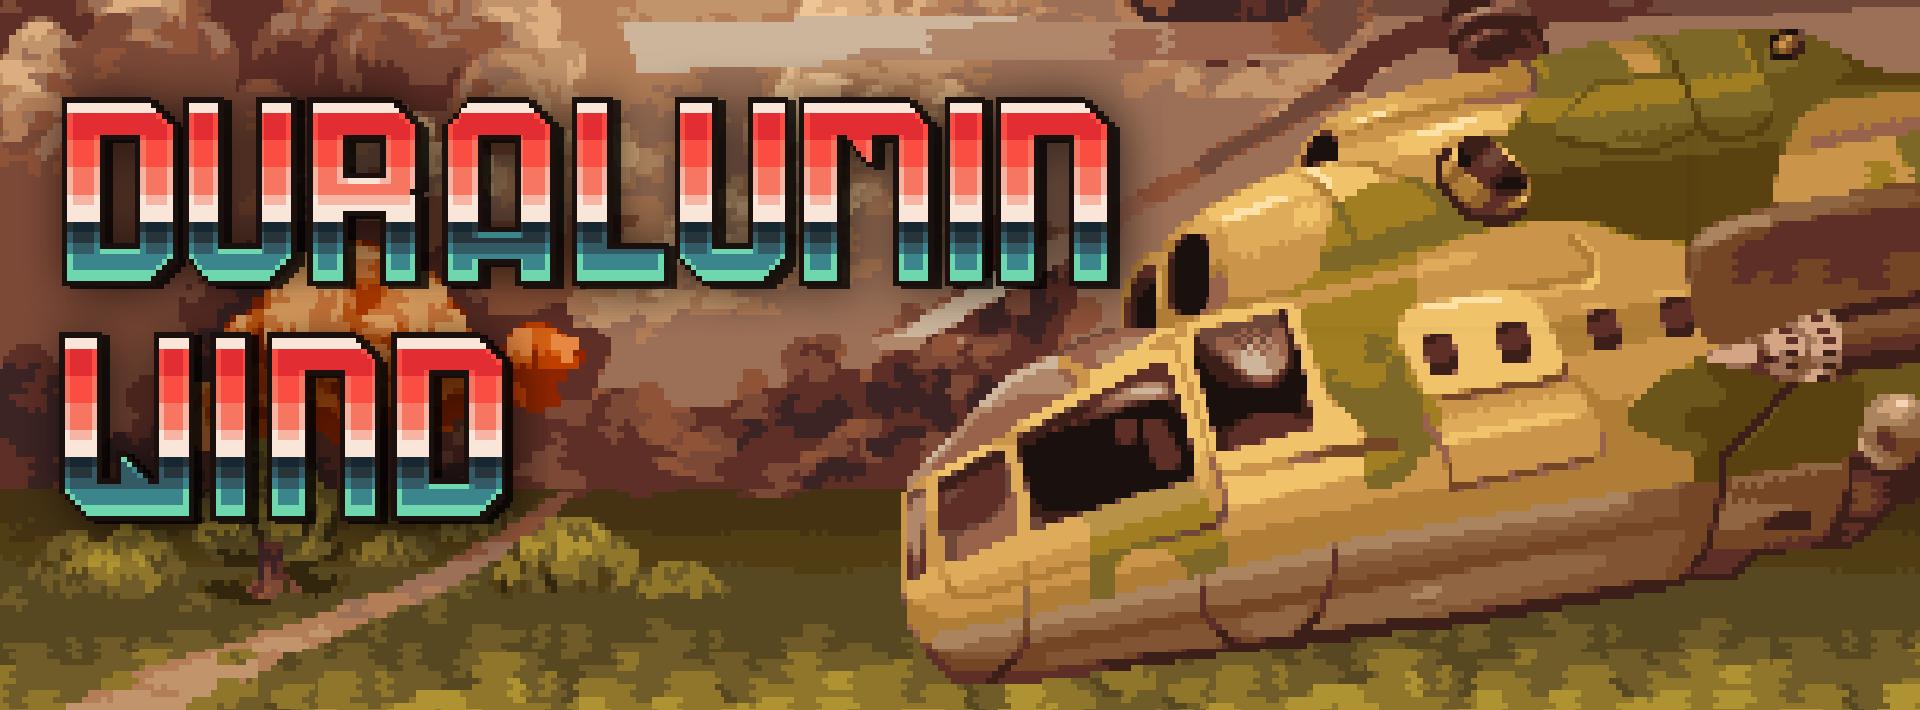 Duralumin Wind